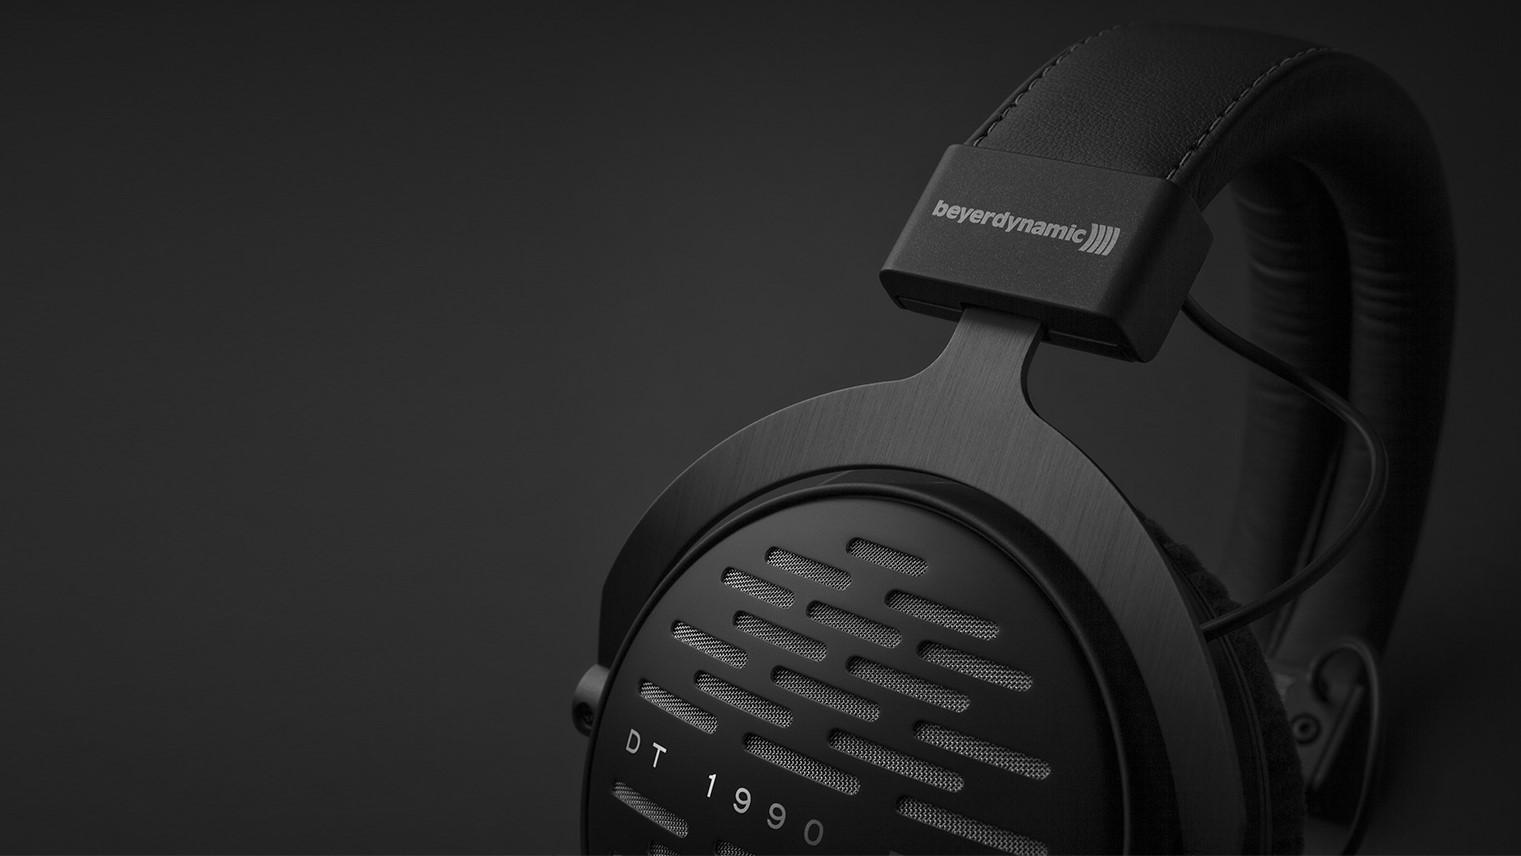 ▷ Los mejores auriculares para colocar sobre las orejas 2019: las latas más cómodas y con mejor sonido 1